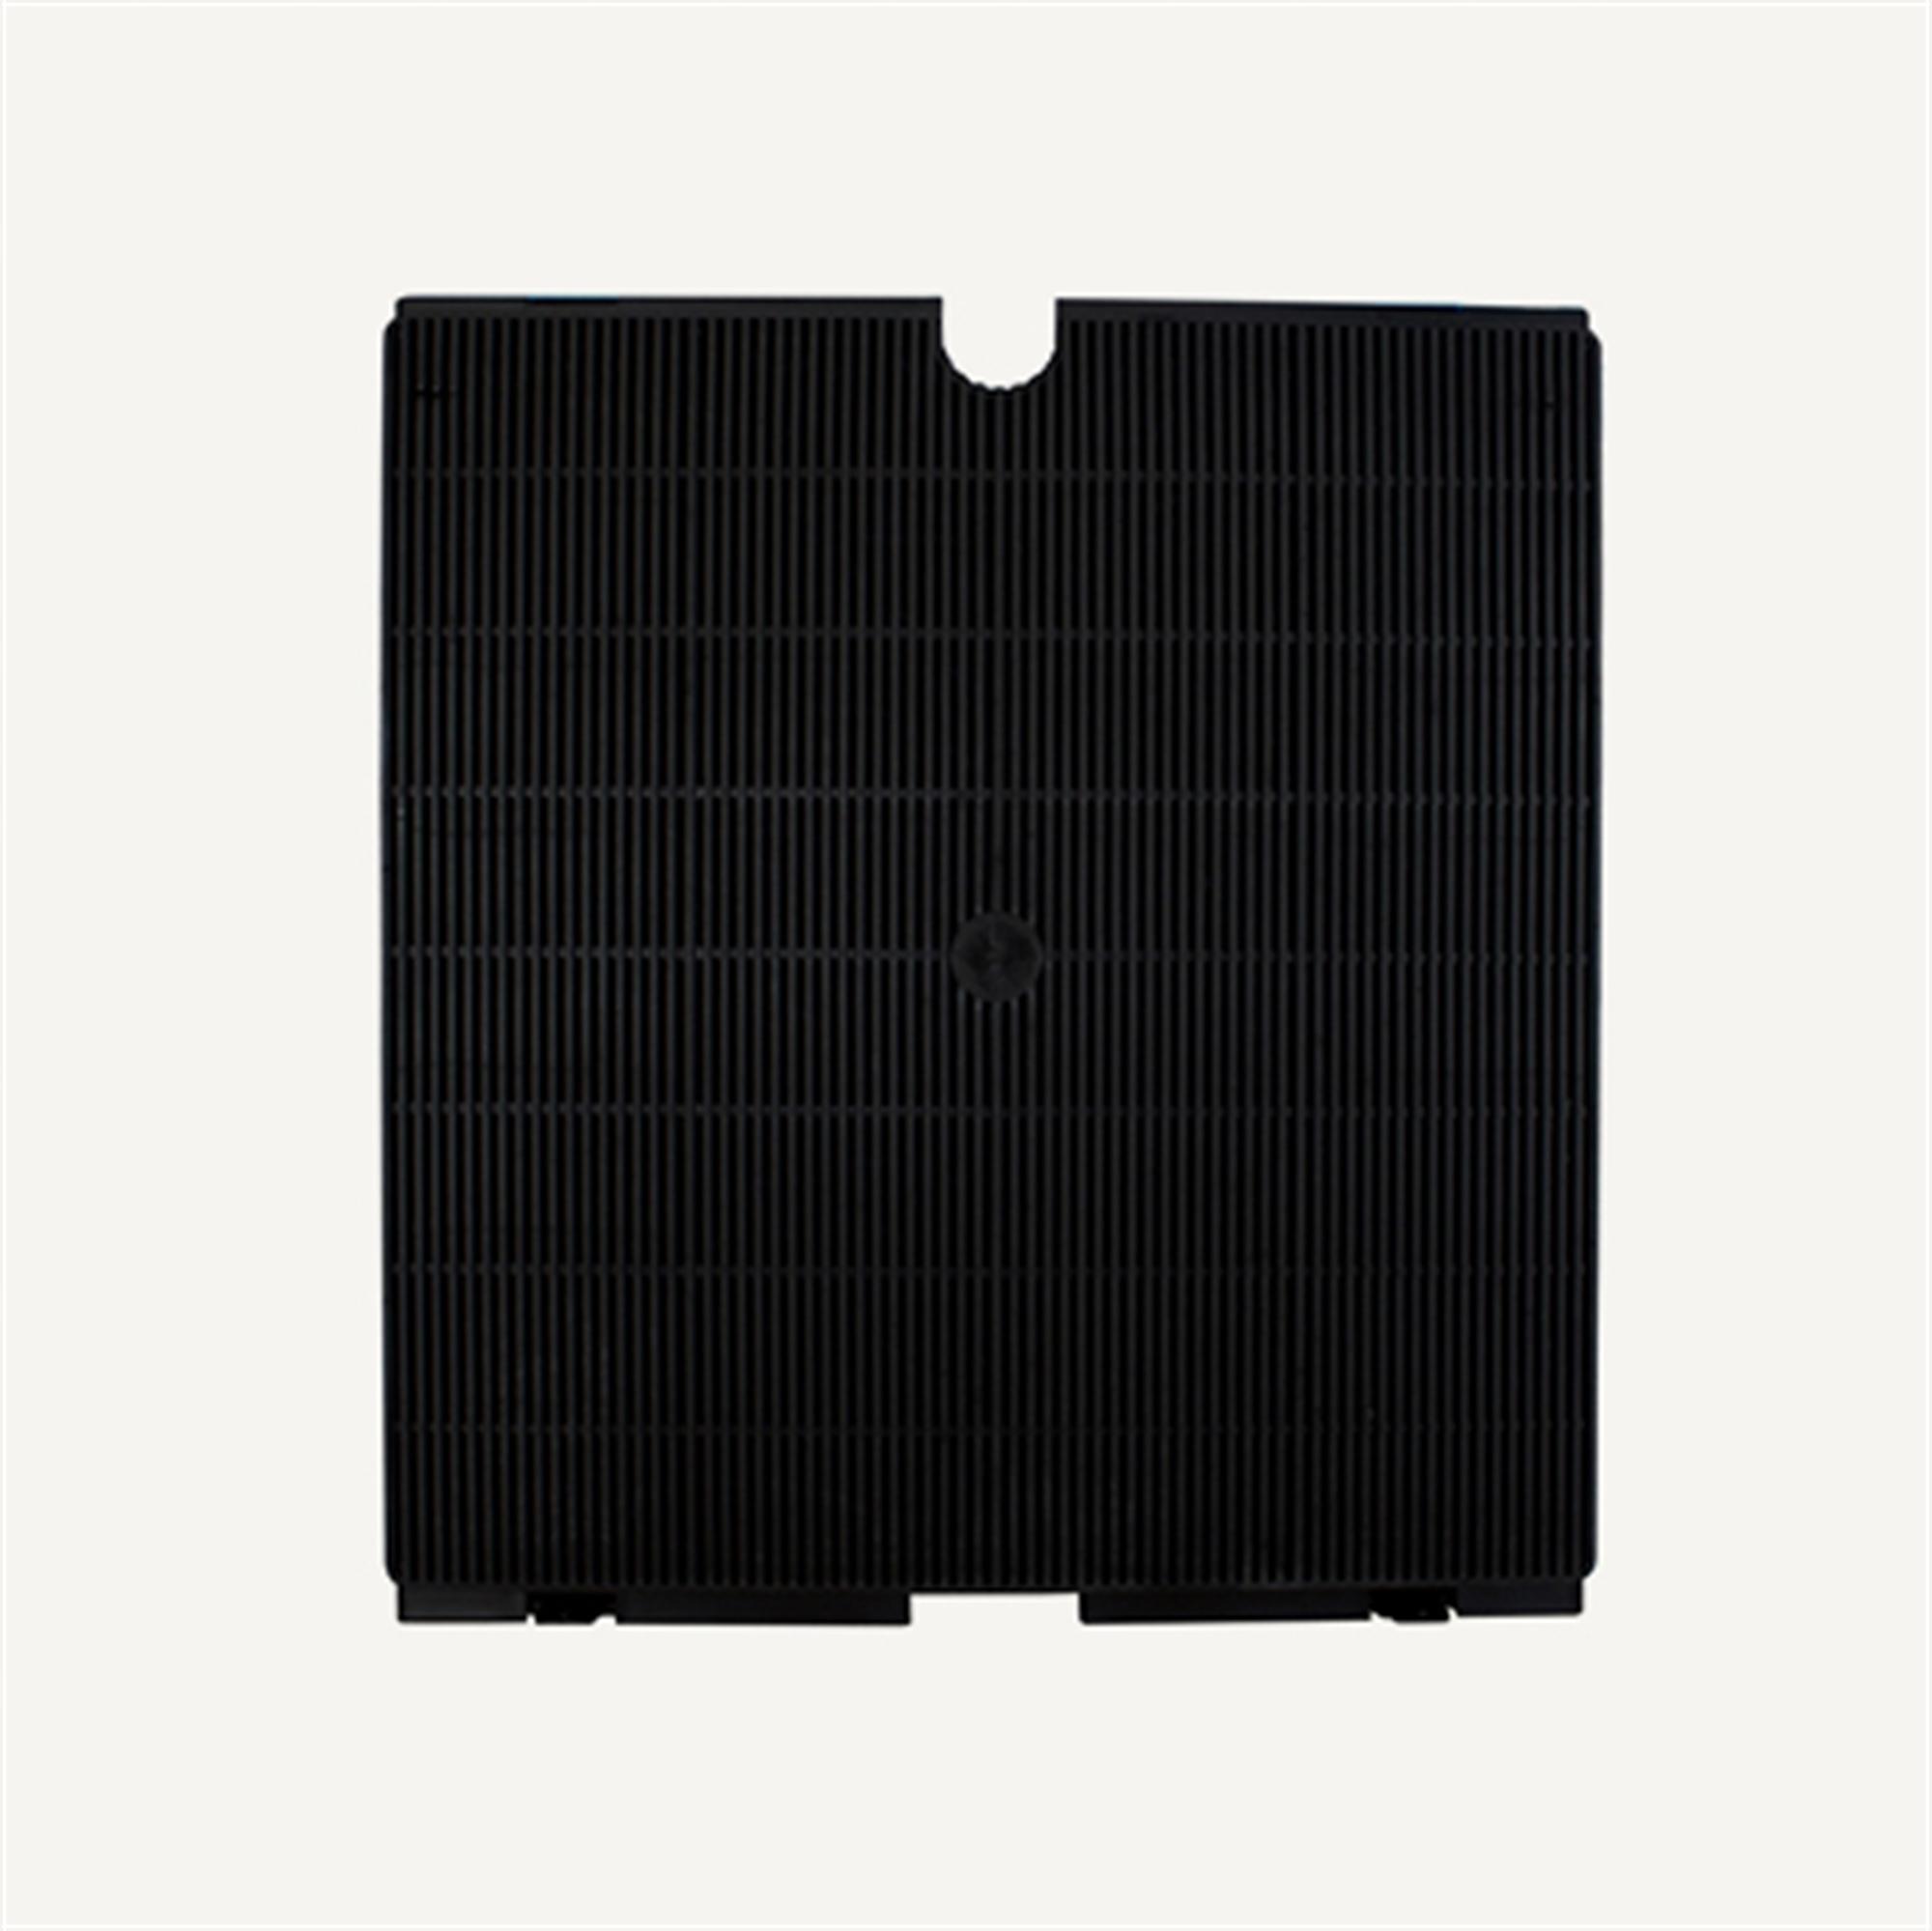 Immagine di Filtro carbone rettangolare tipo 1